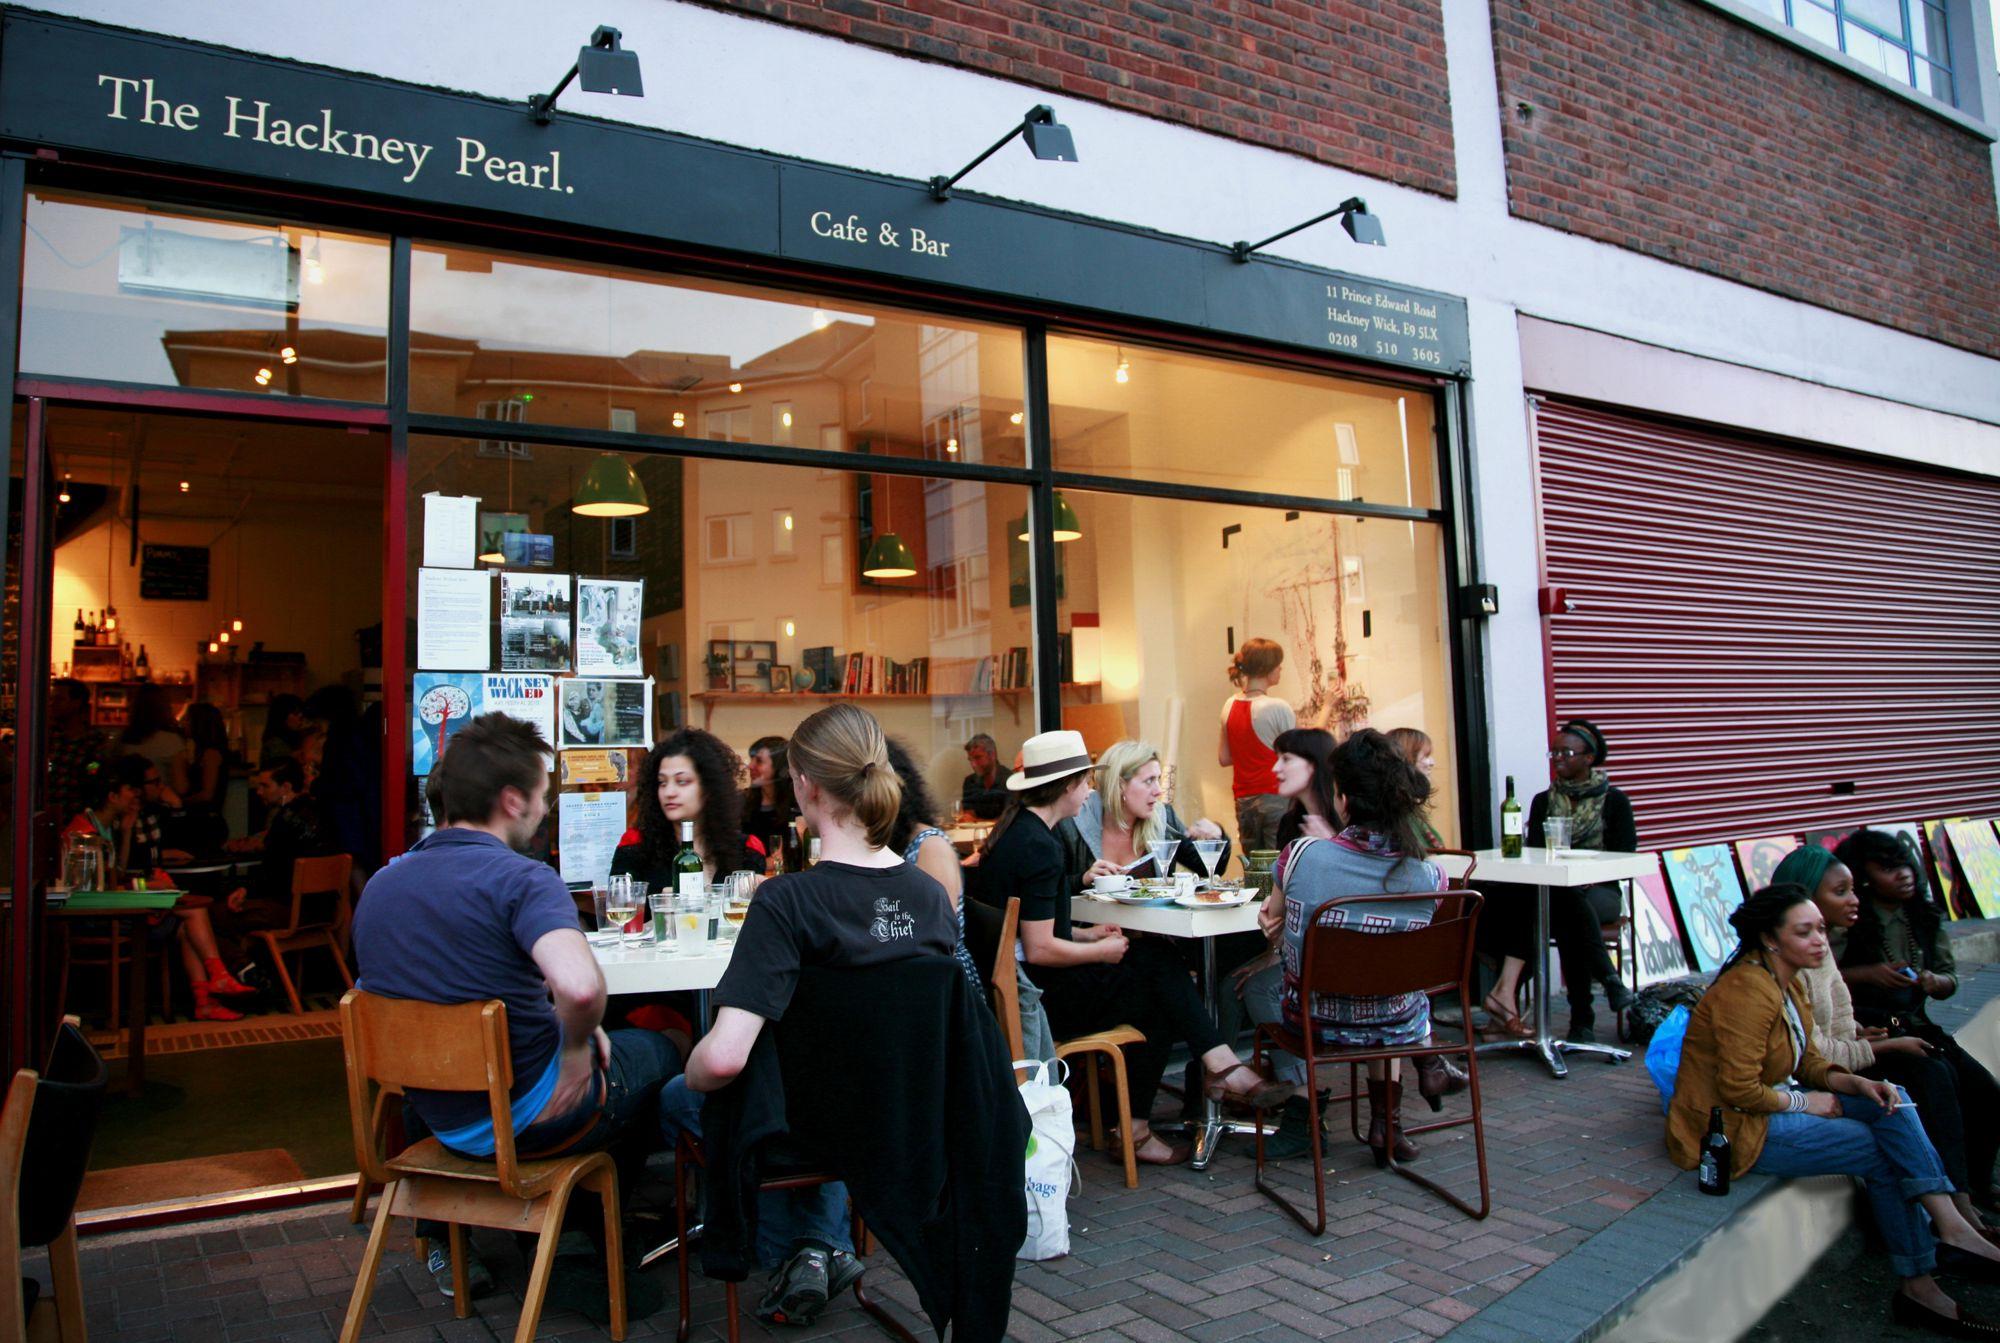 Hackney Pearl